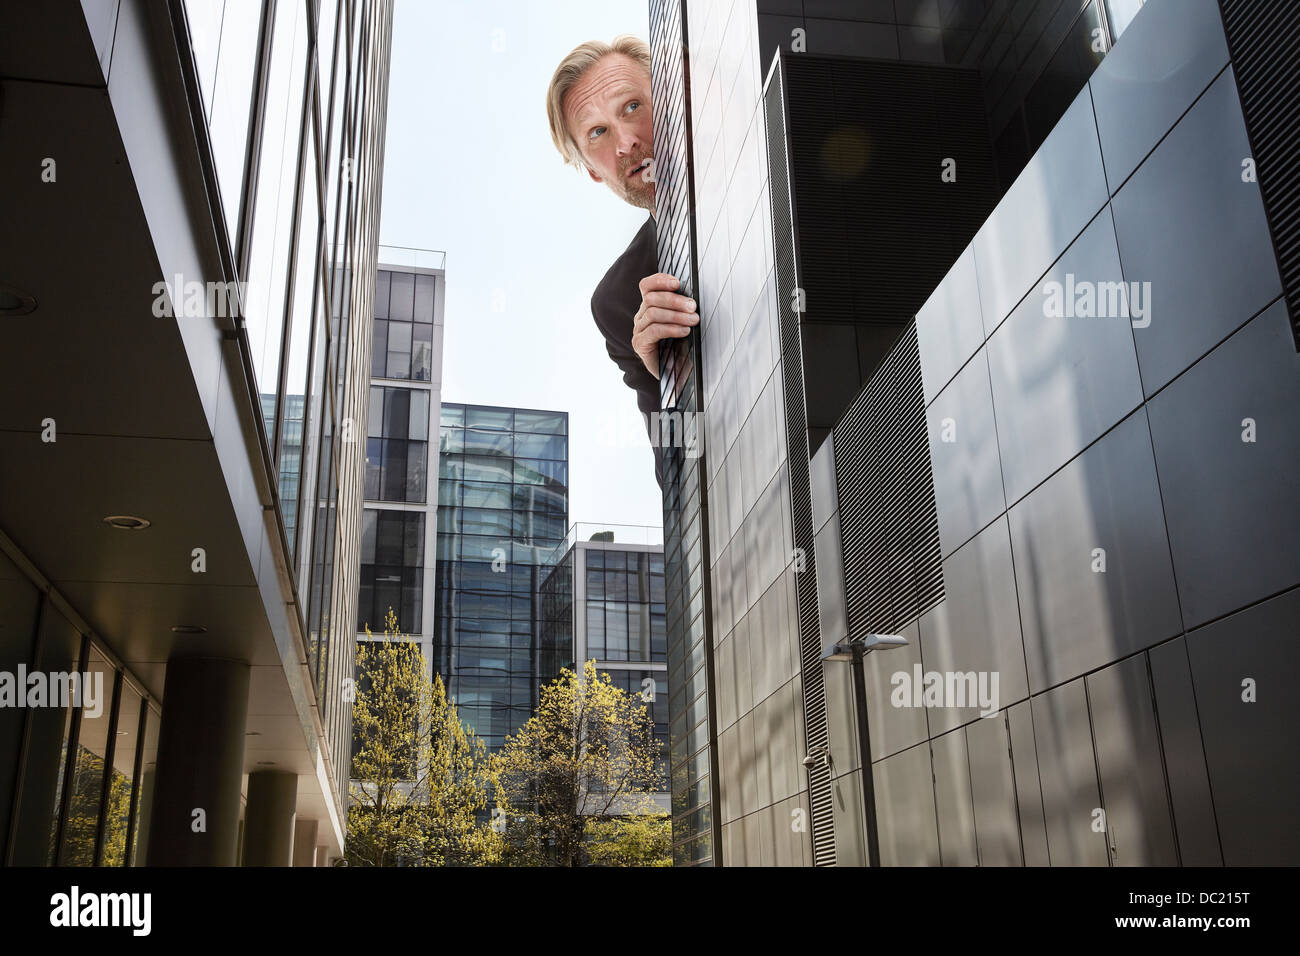 Empresario sobredimensionado peering desde detrás de los rascacielos, bajo ángulo de visión Imagen De Stock